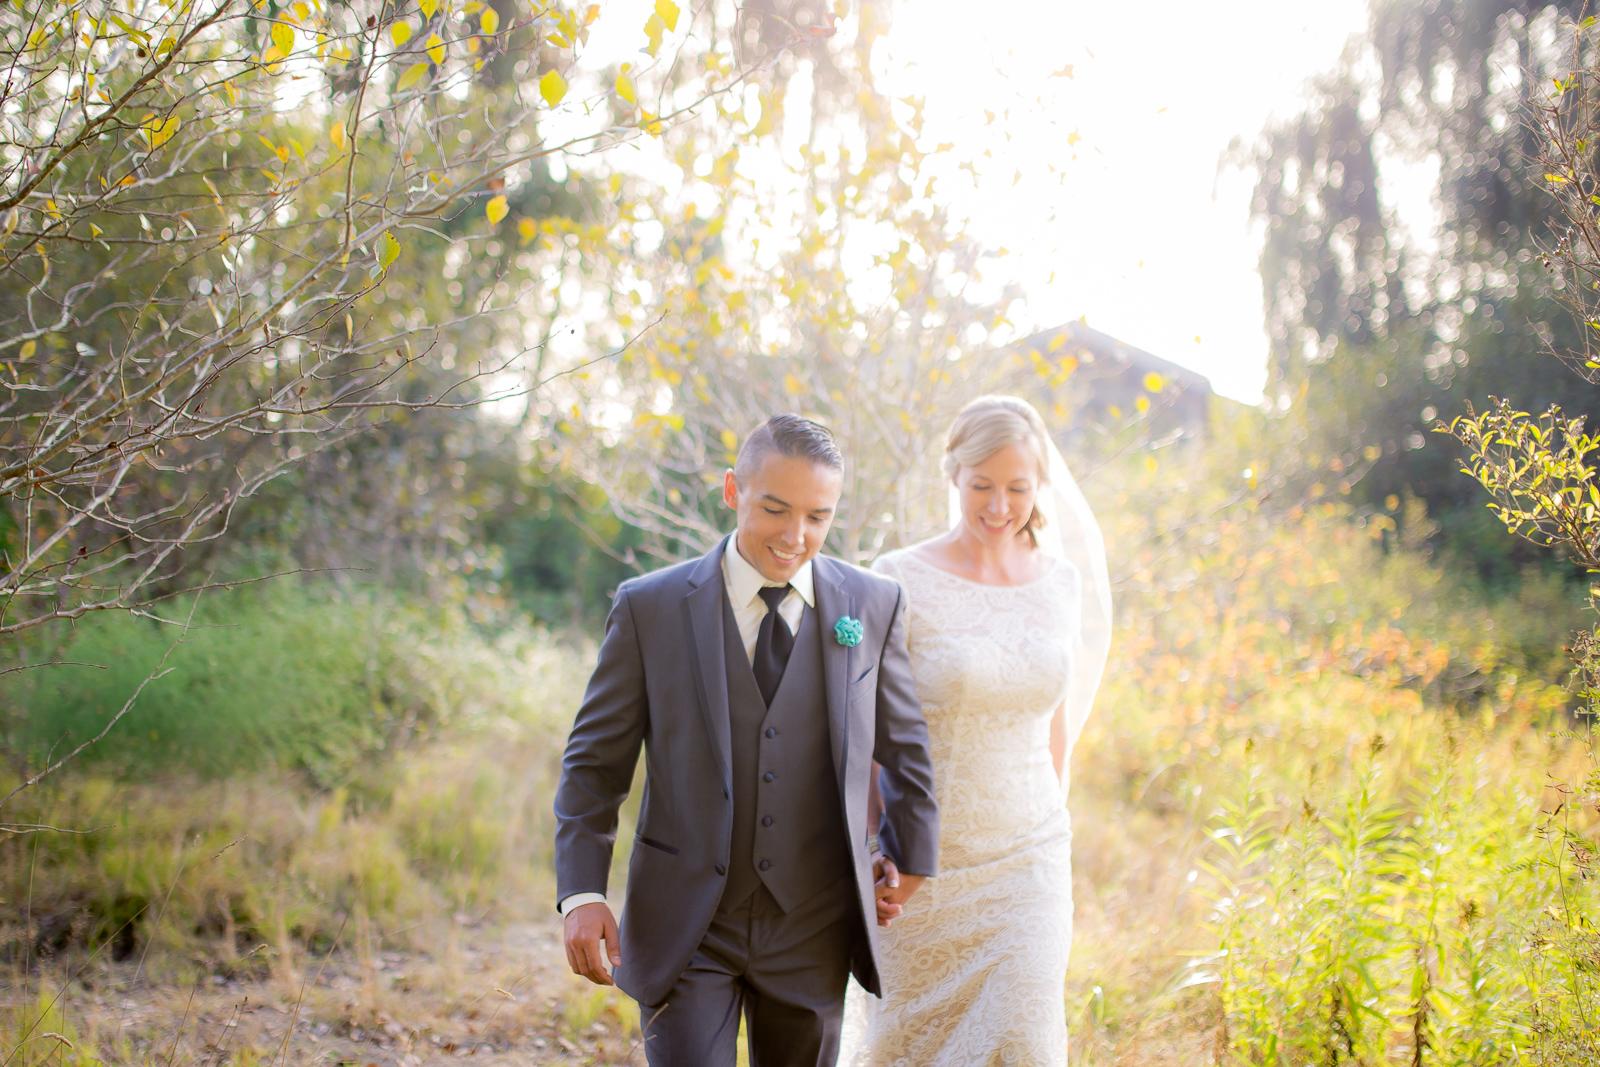 S&A's Crescent Beach / Beecher Place Wedding Photography